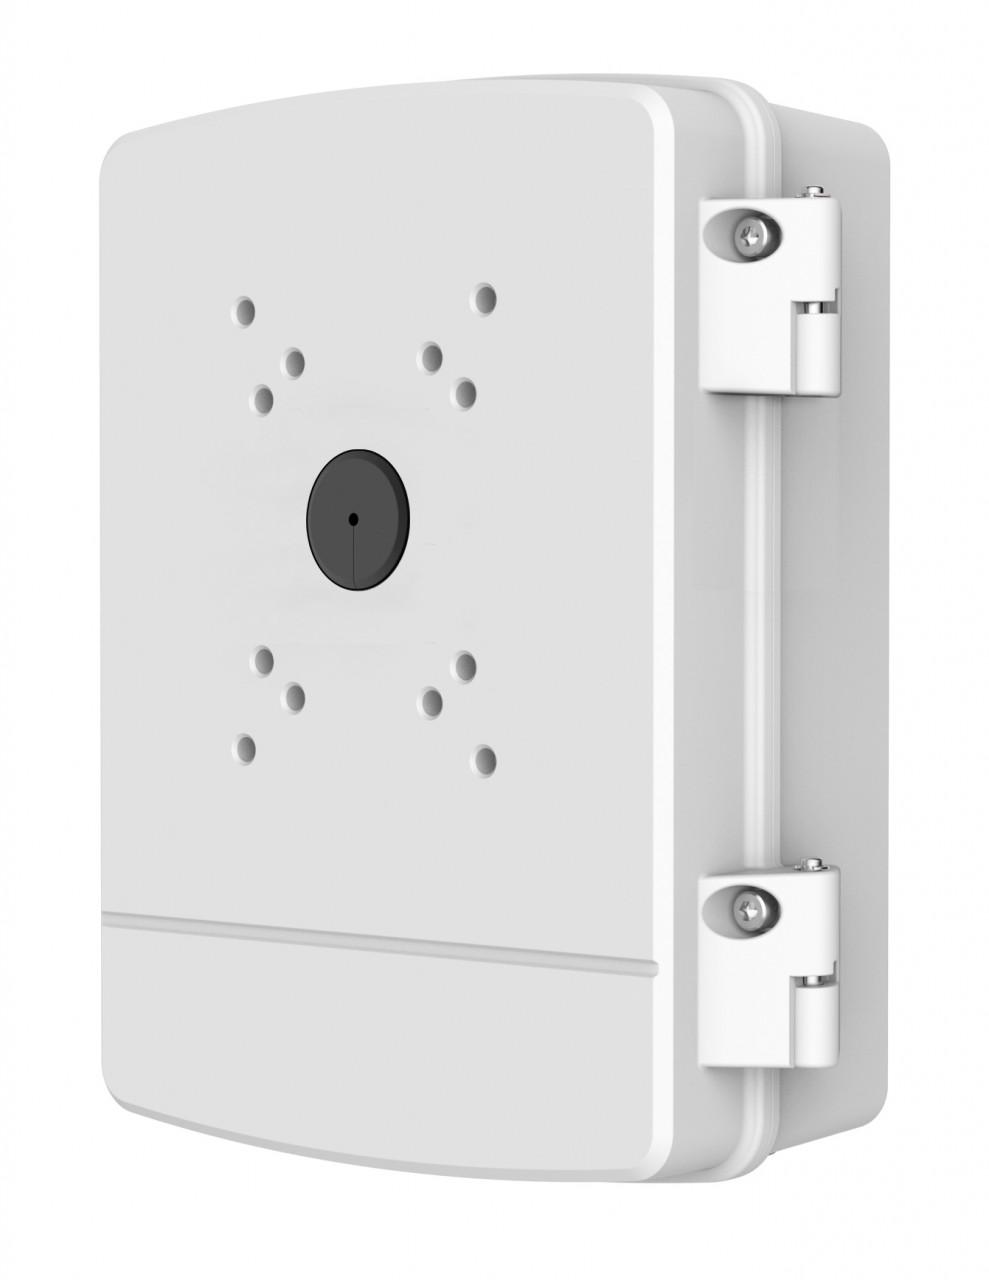 TURM witterungsfeste Box für 24V Netzteil und PTZ Kamera Montage, Belstbarkeit bis 8 kg